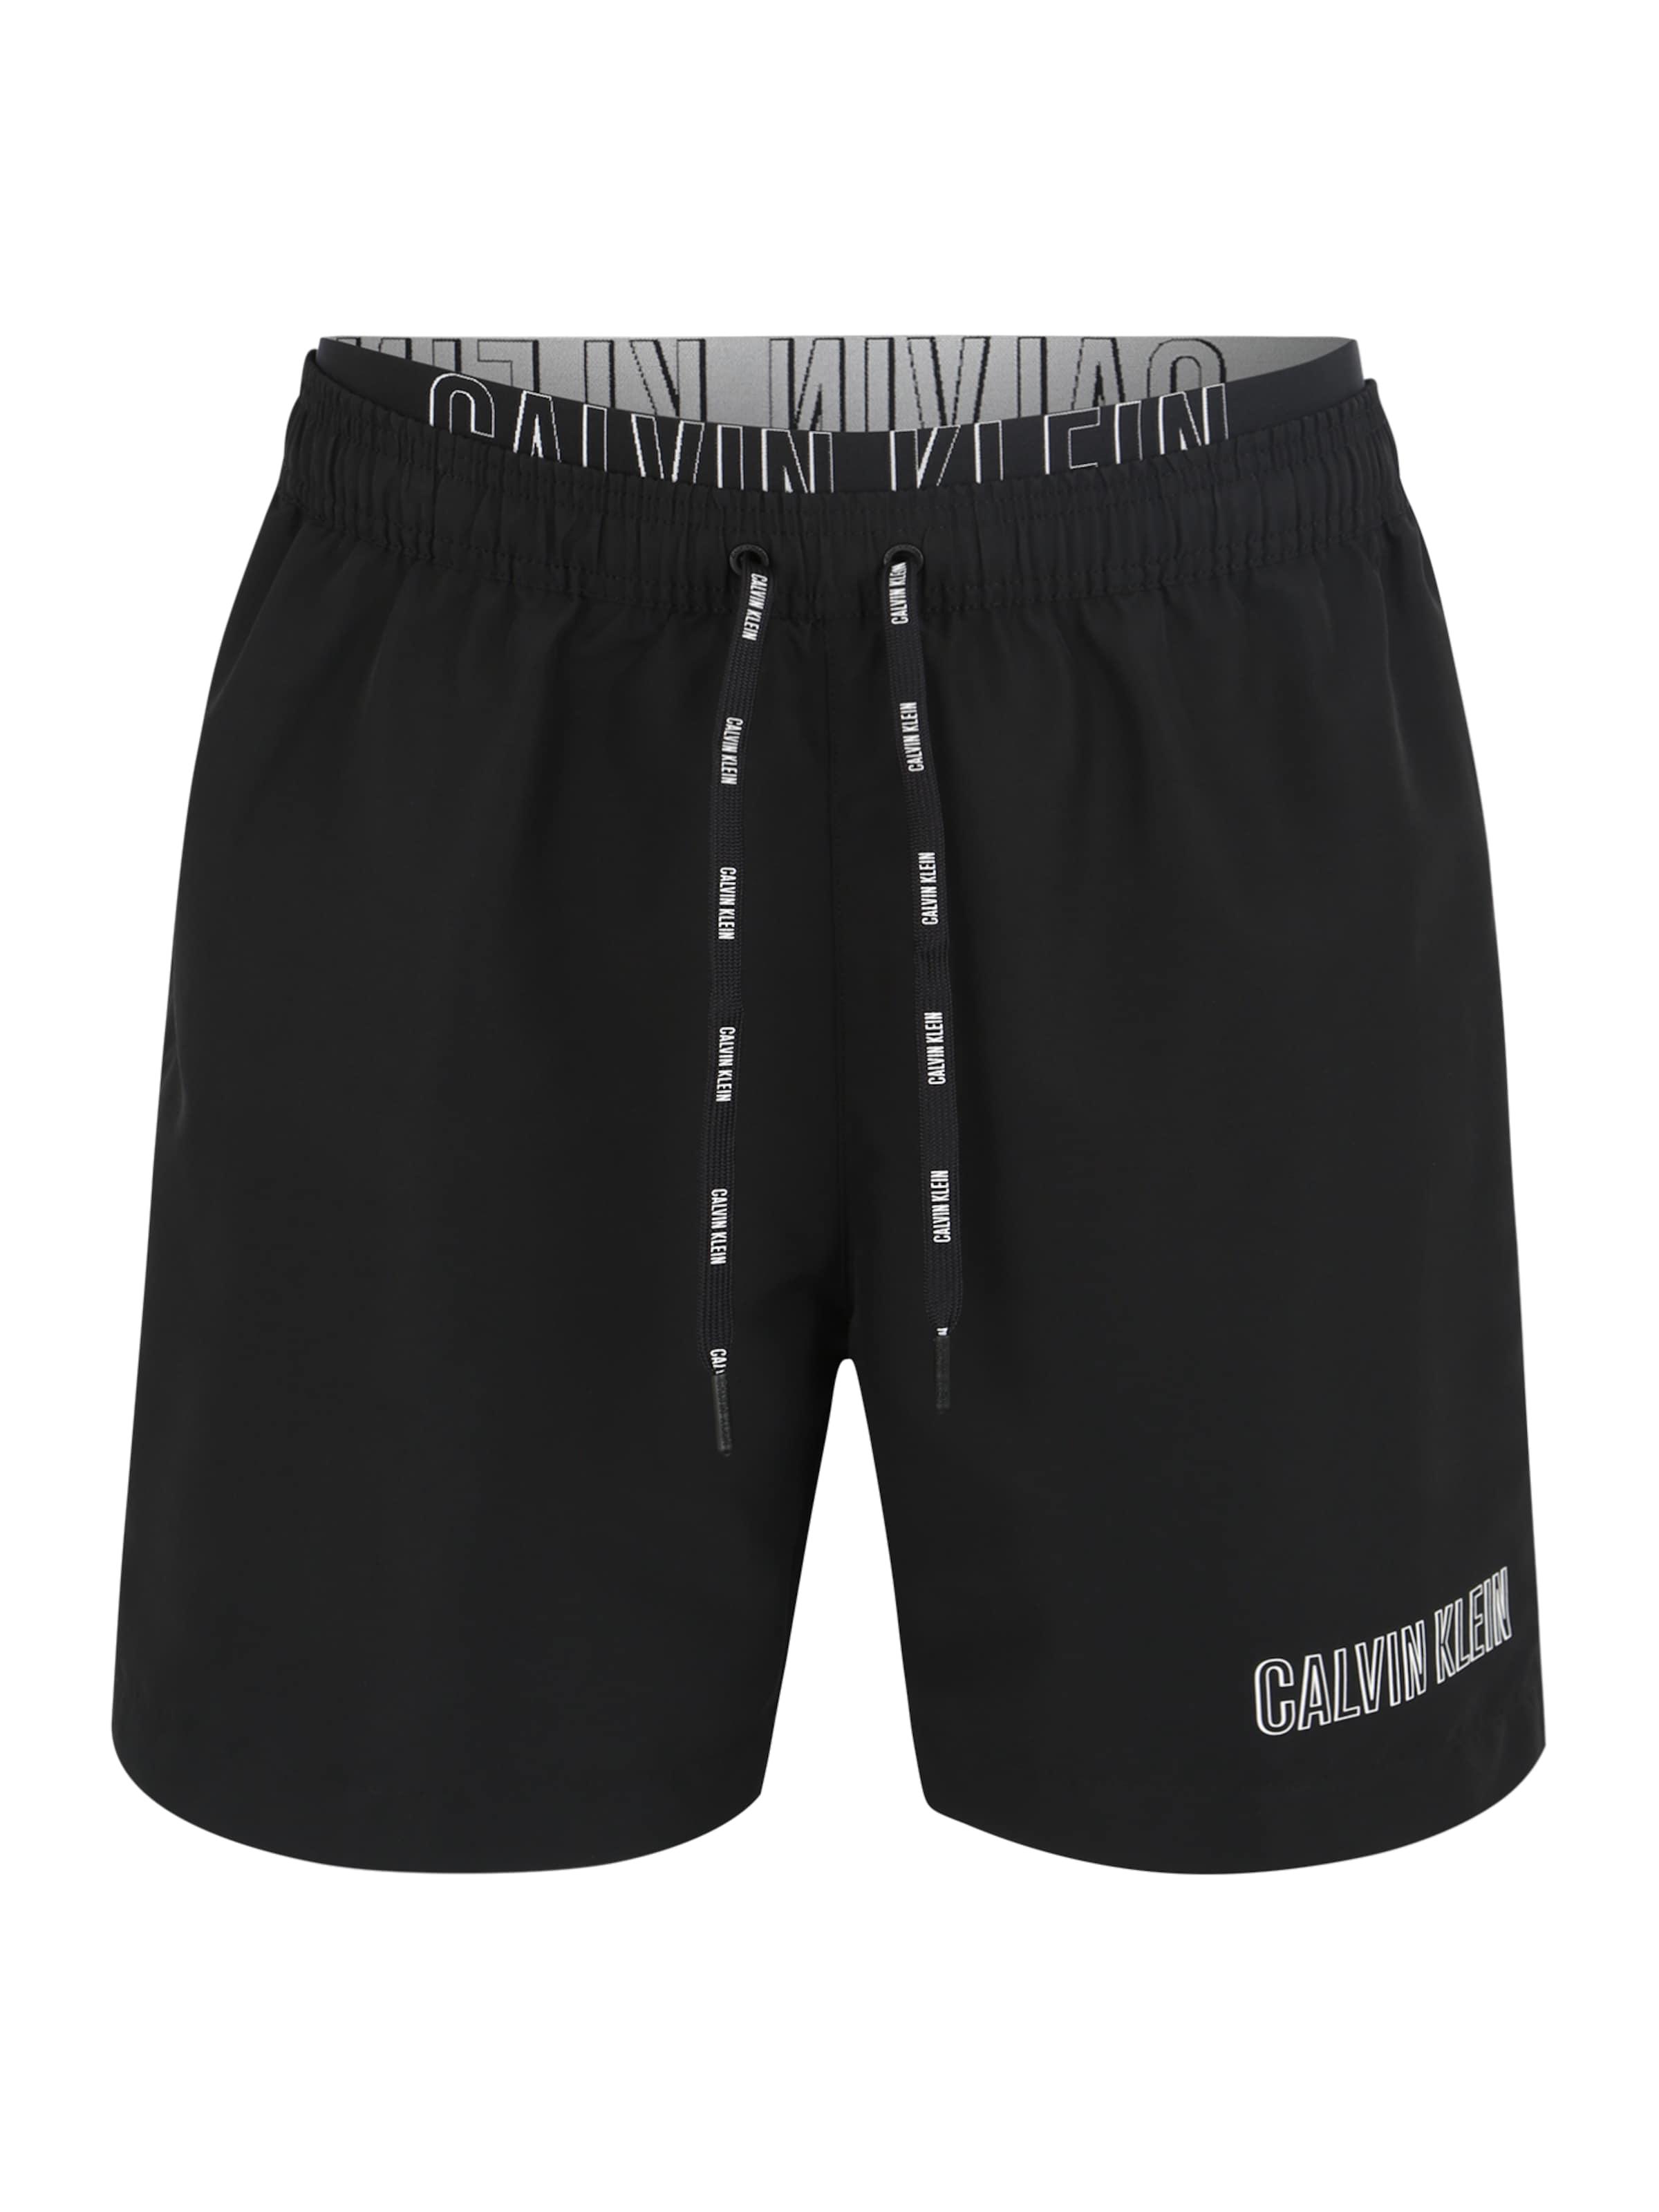 Swimwear Waistband' Double Bademode Klein Schwarz 'medium Calvin In E2Ye9HWDI